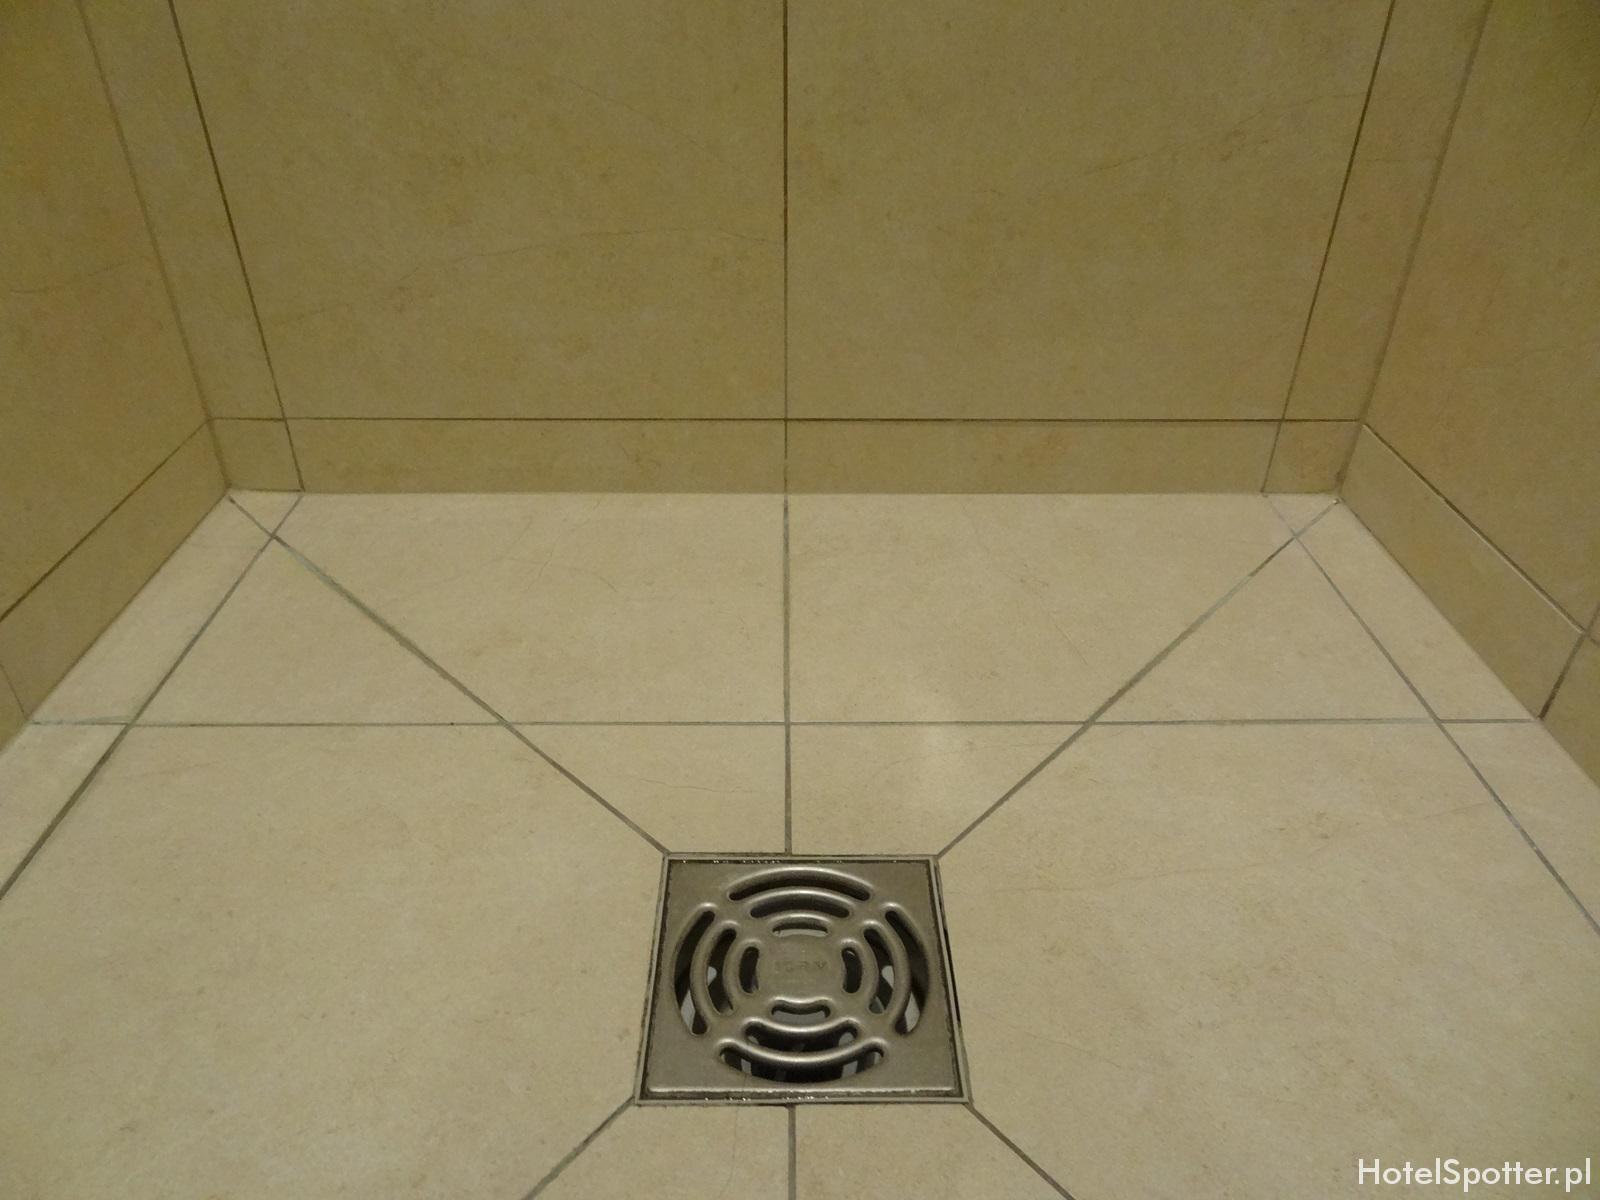 Hilton Warsaw Hotel - czysty prysznic